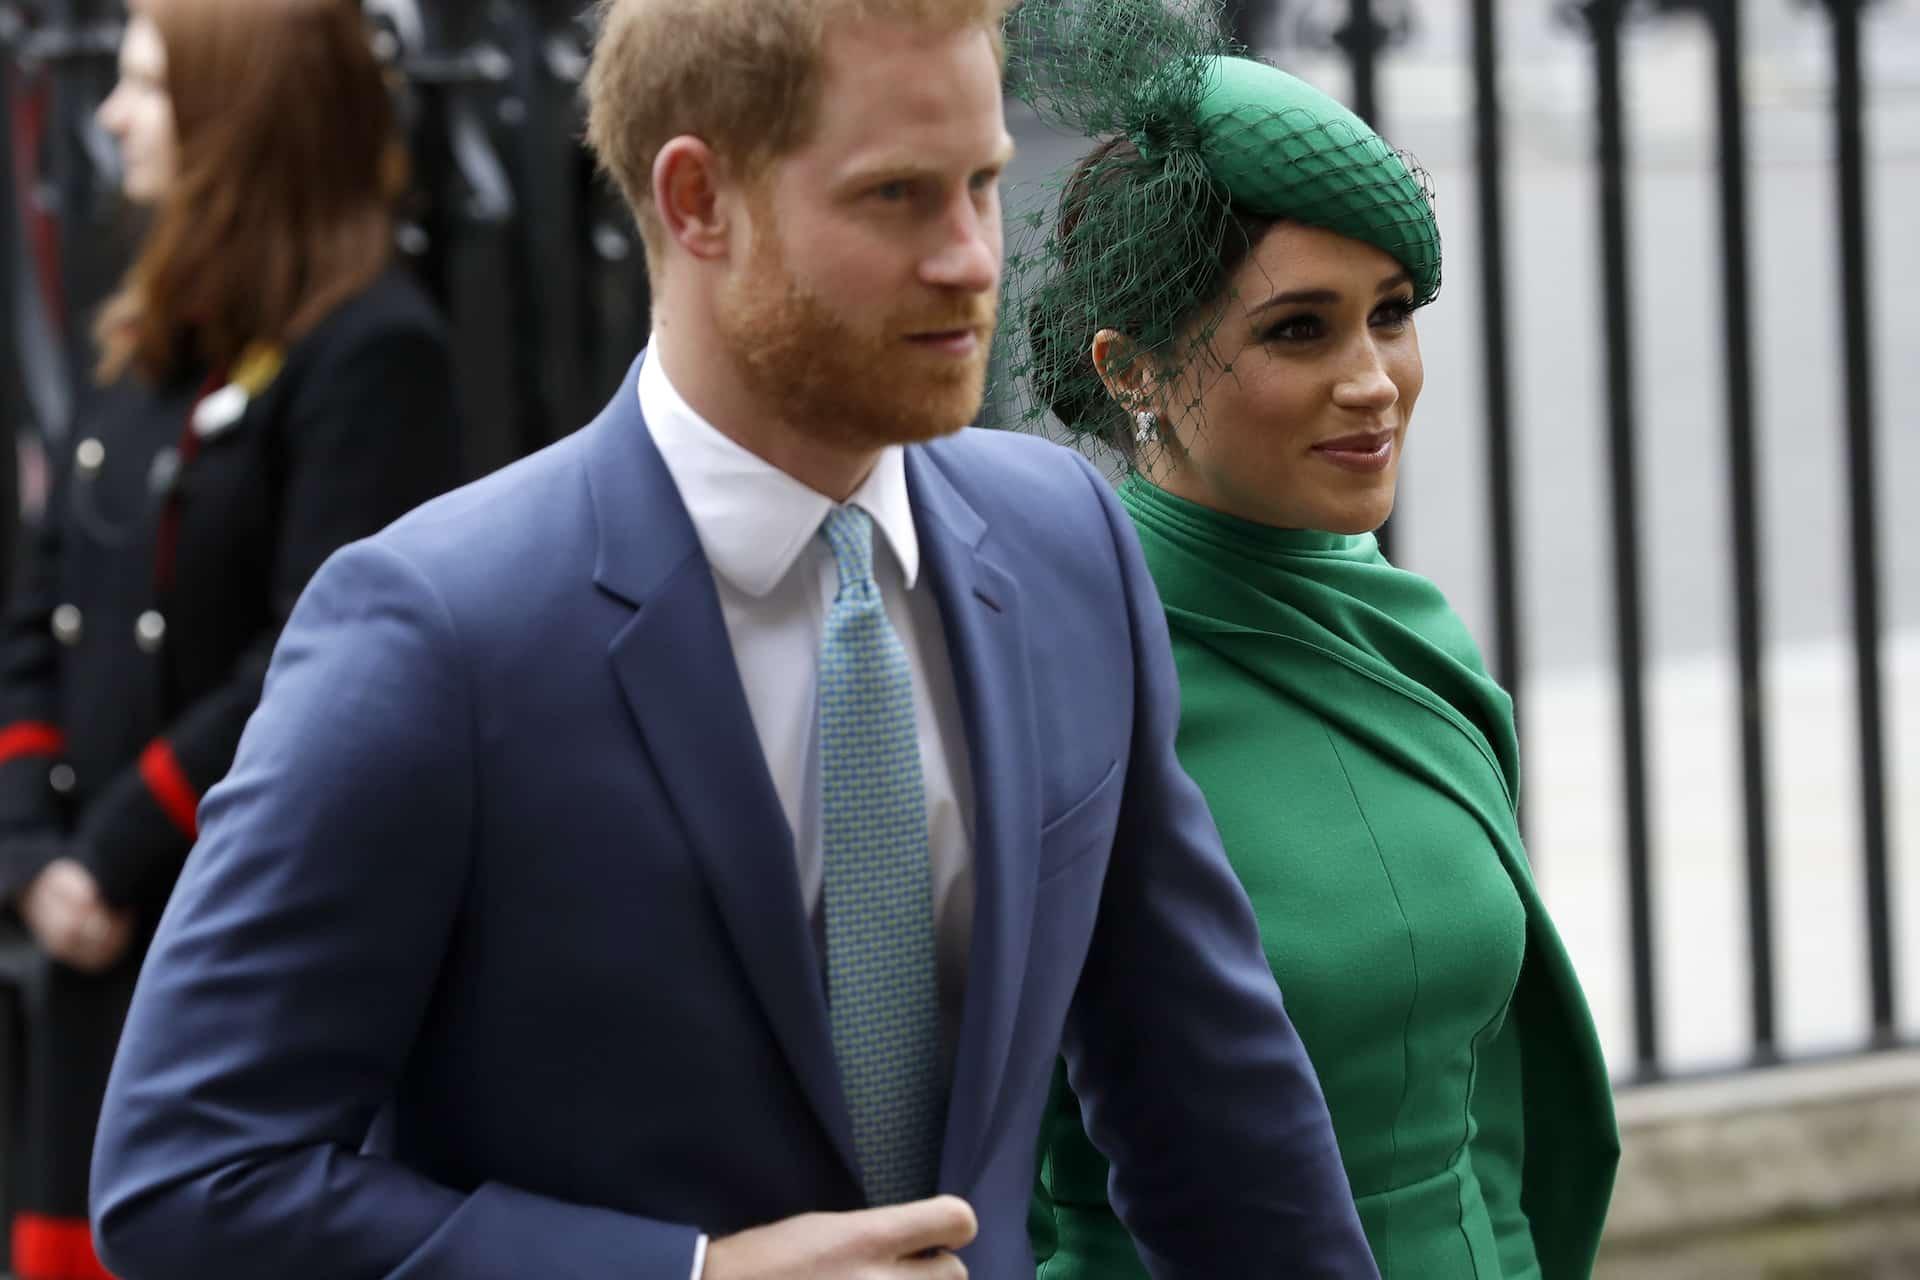 Herzogin Meghan und Prinz Harry werden öffentlich ausgebuht